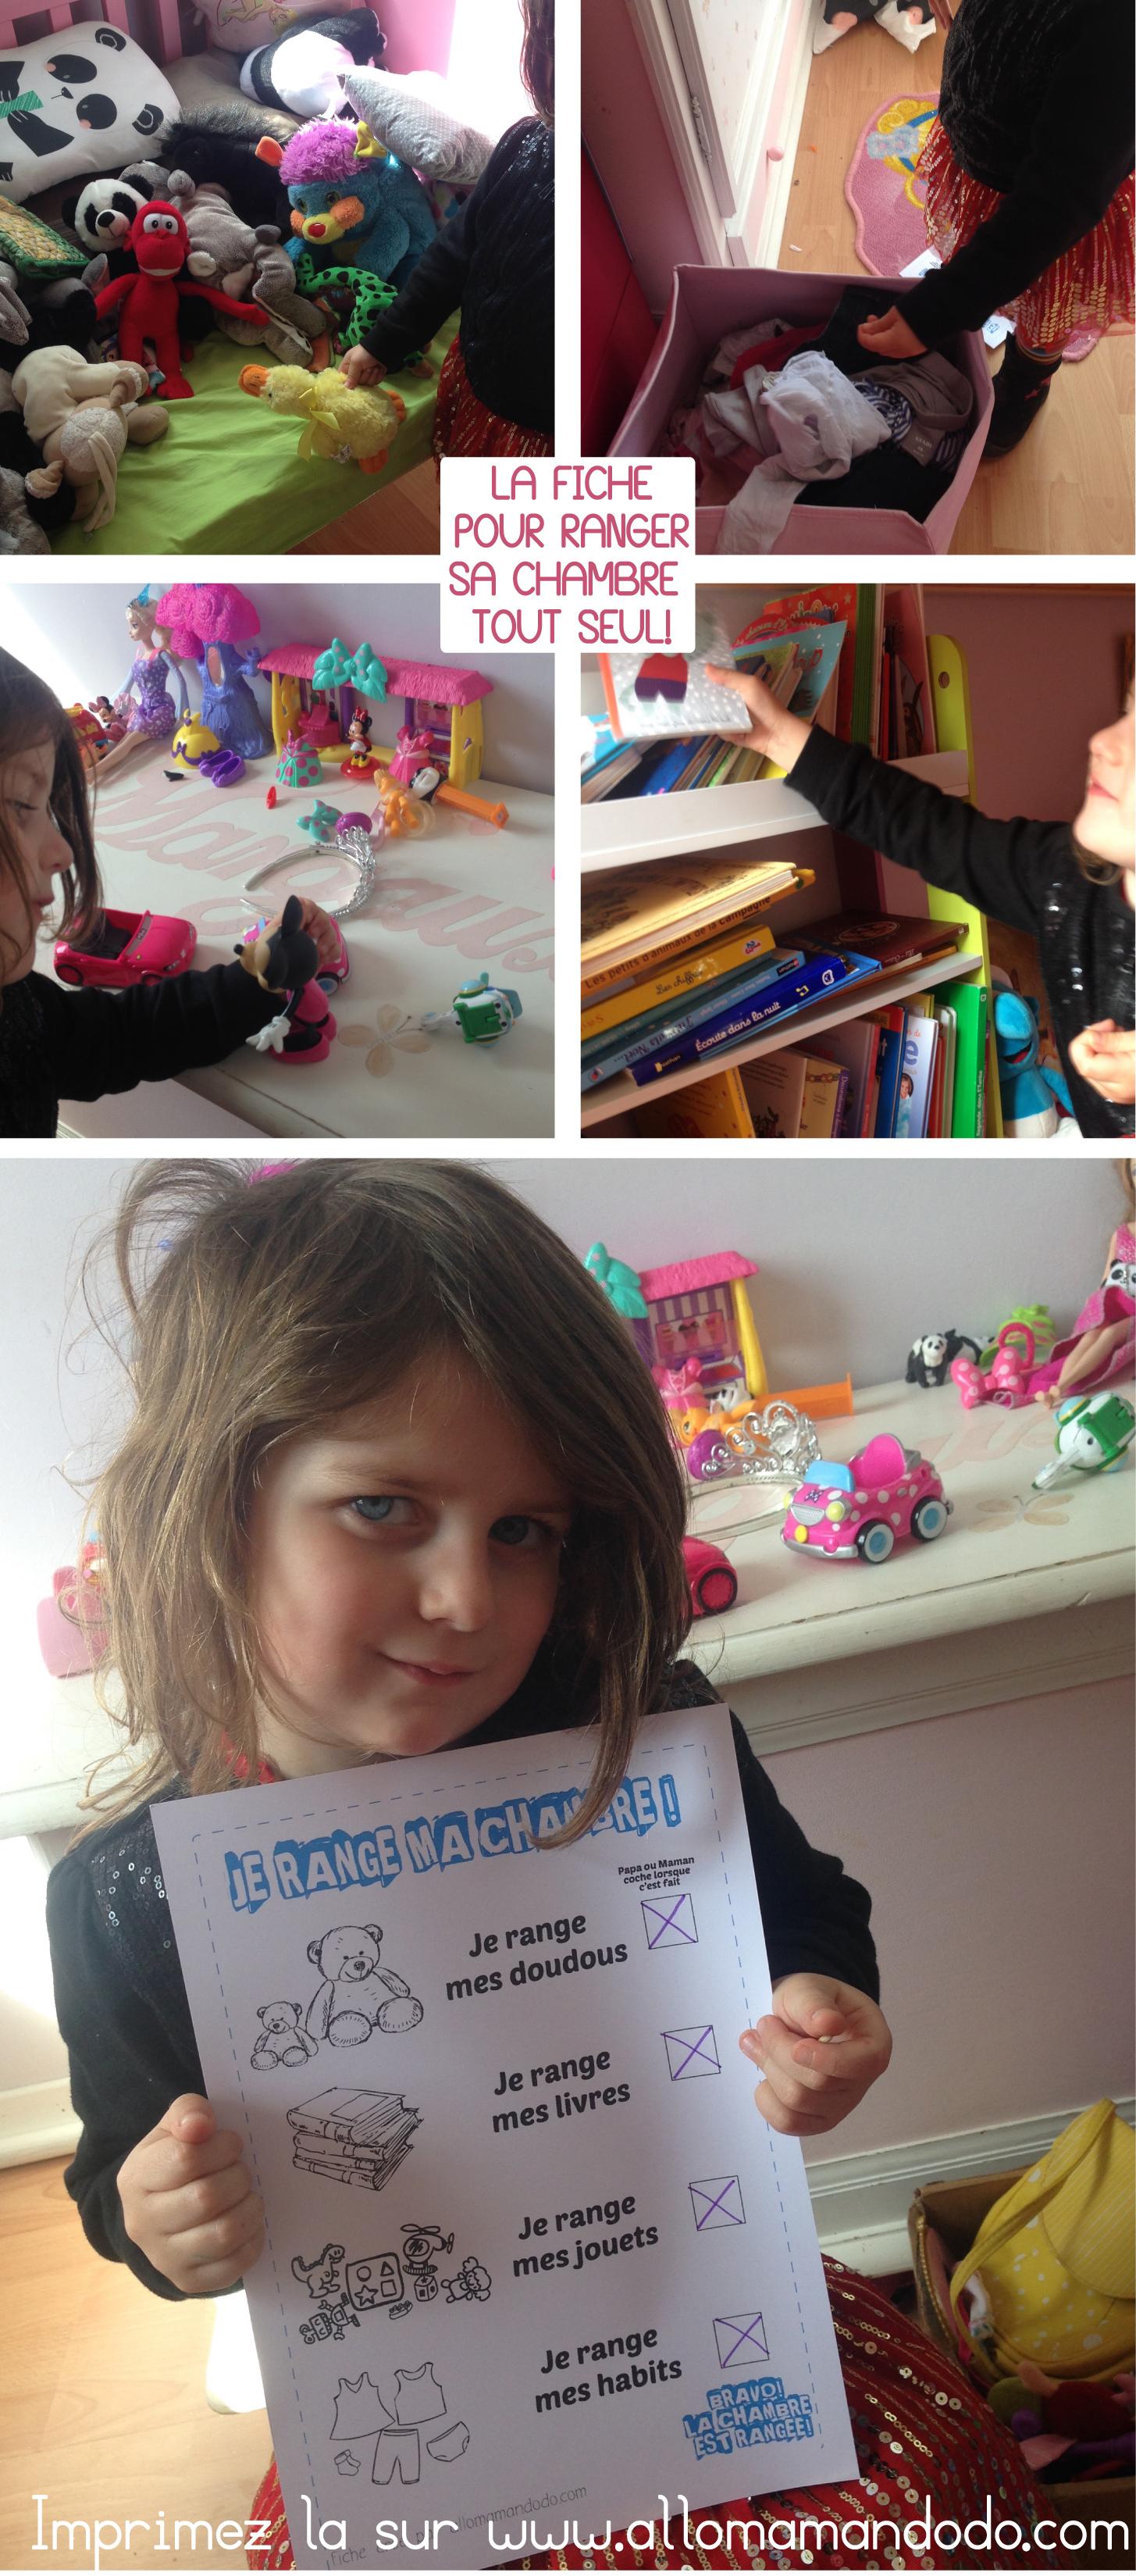 Coloriage Enfant Qui Range Sa Chambre : Range ta chambre fiche astuce pour que ton enfant